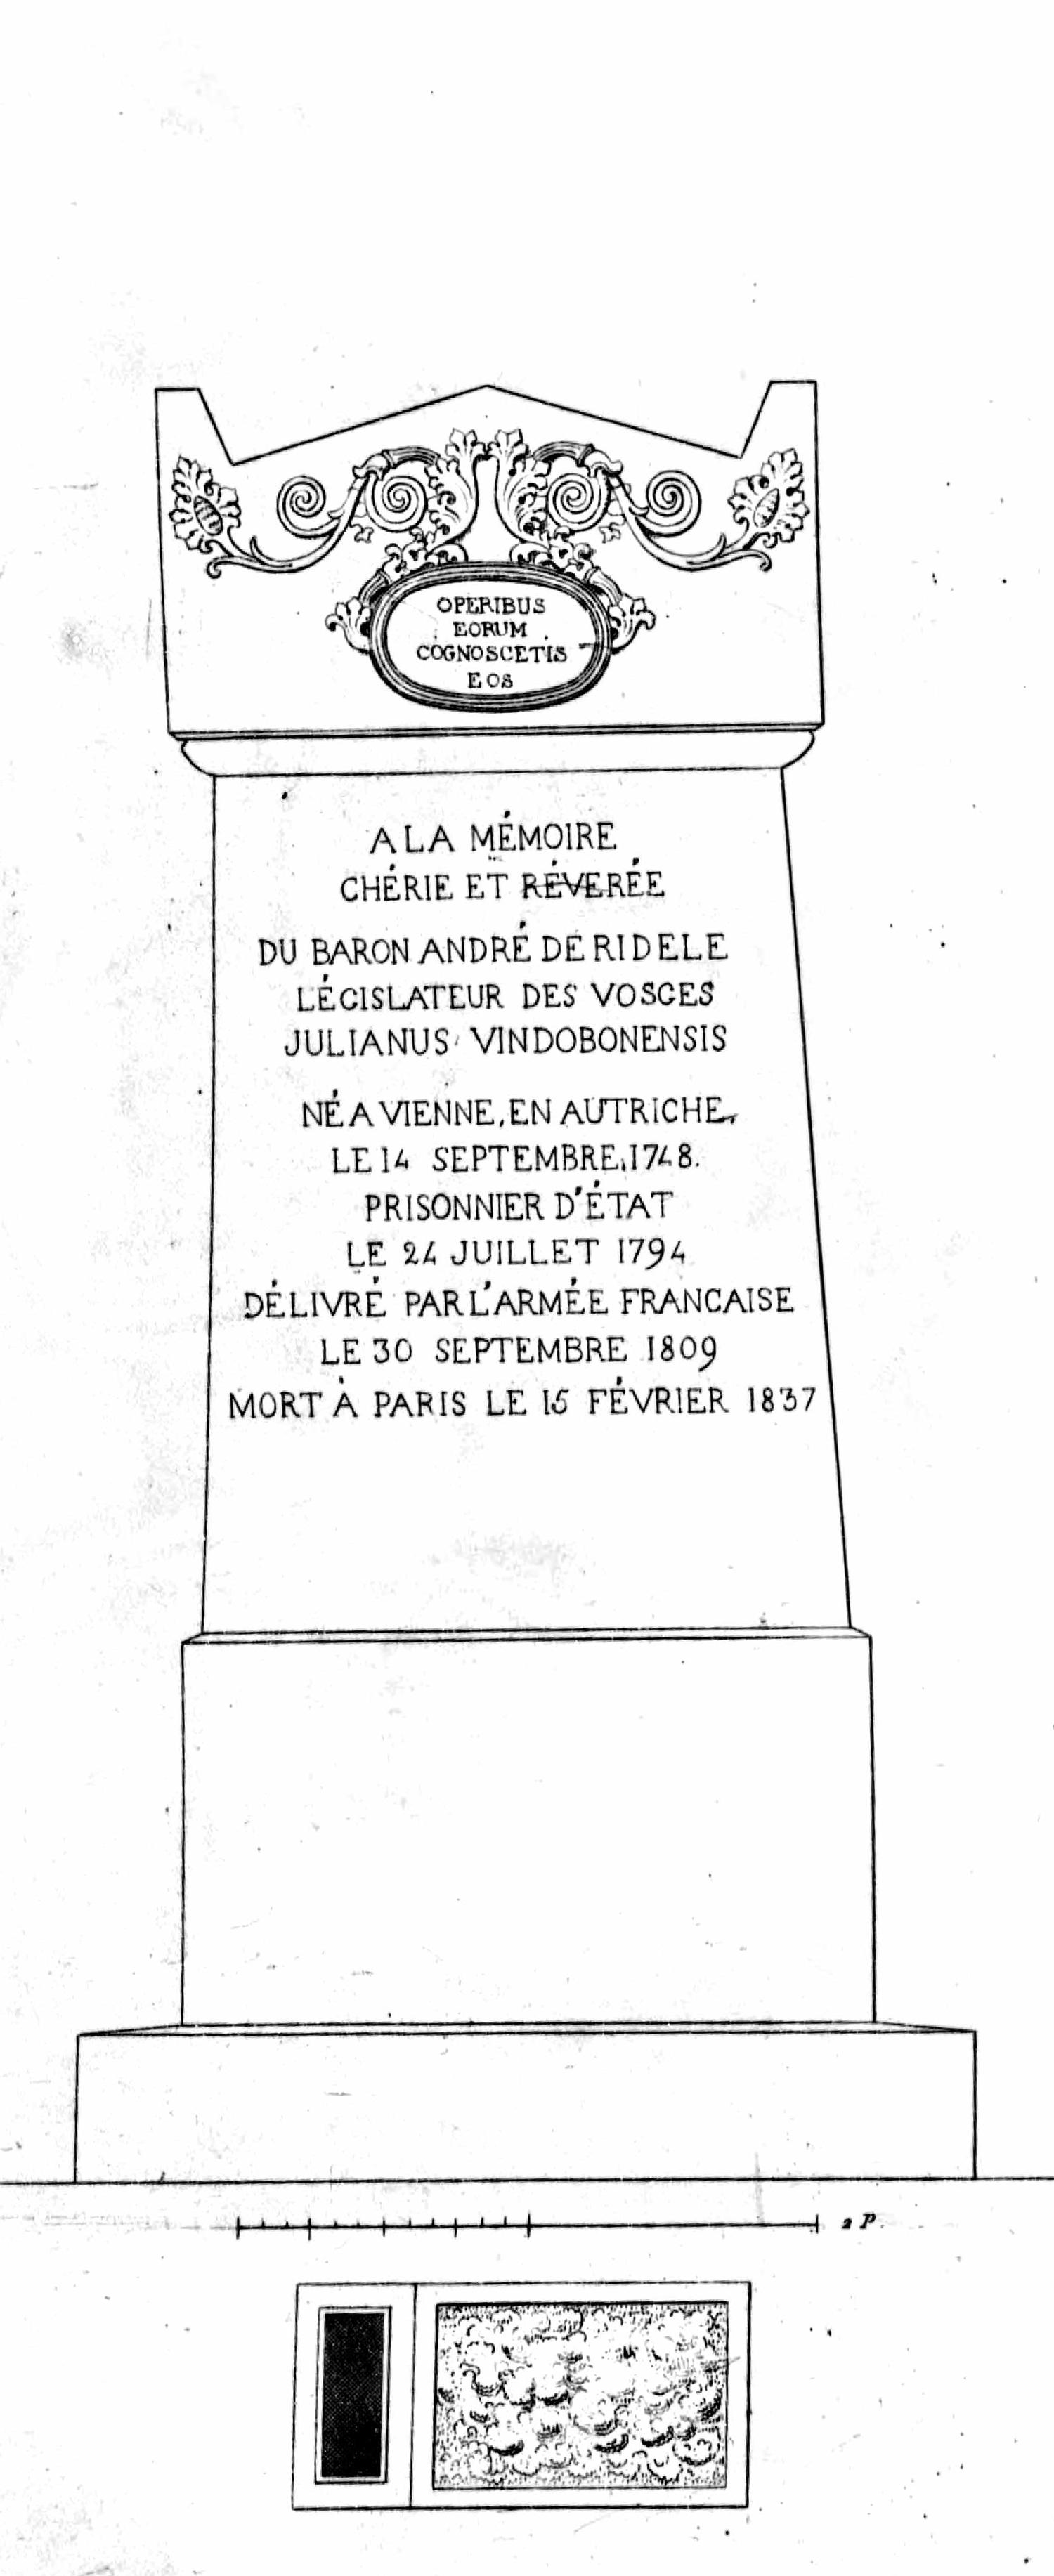 Monuments funéraires choisis dans les cimetières de Paris et des principales villes de France,  2nd part, 1863, by L. Normand ainé; plate 59